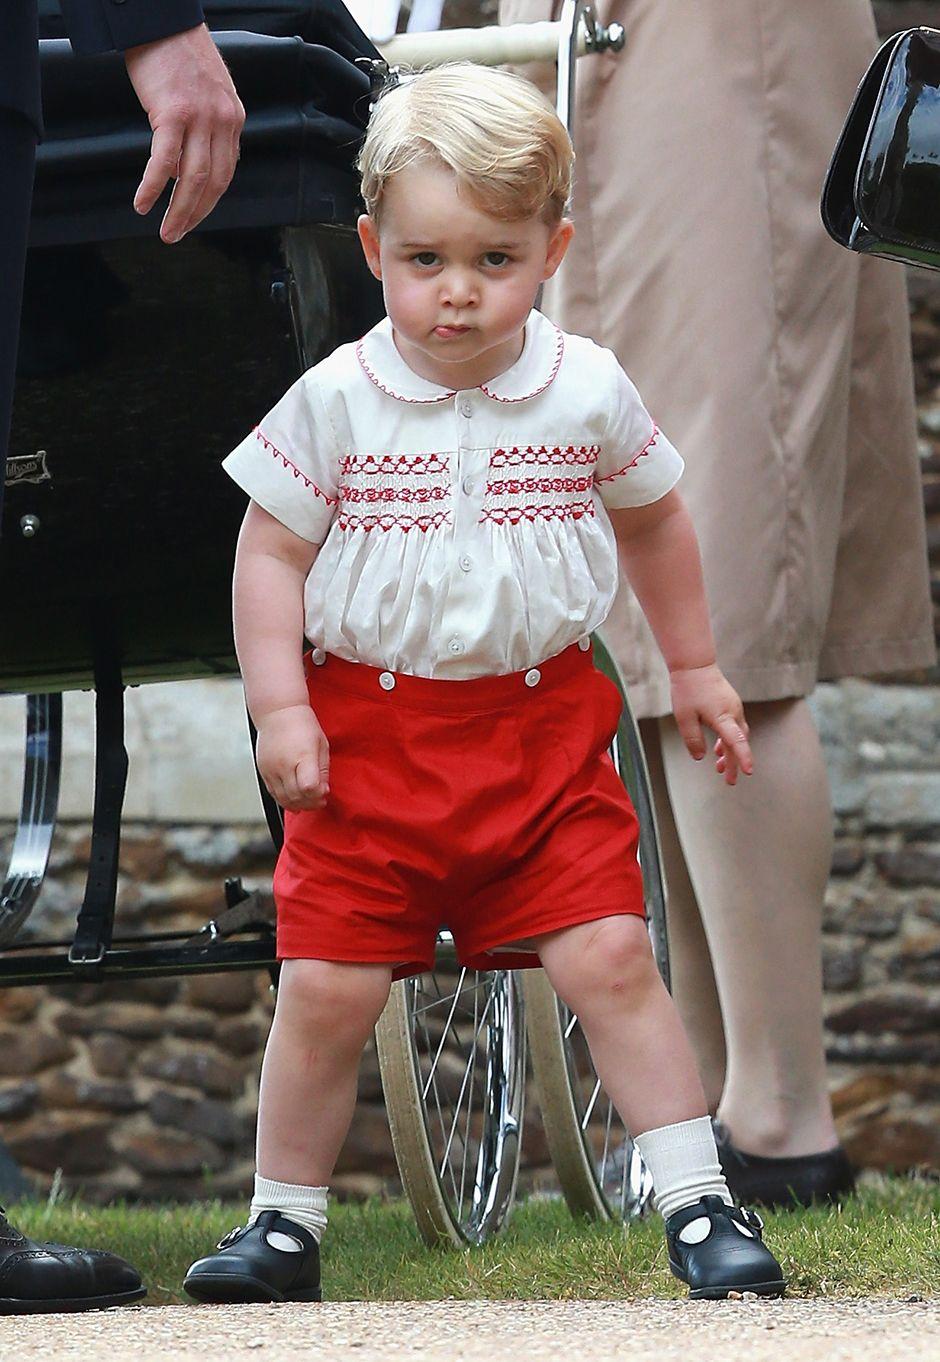 George fará 2 anos no próximo dia 22 / Chris Jackson/AFP